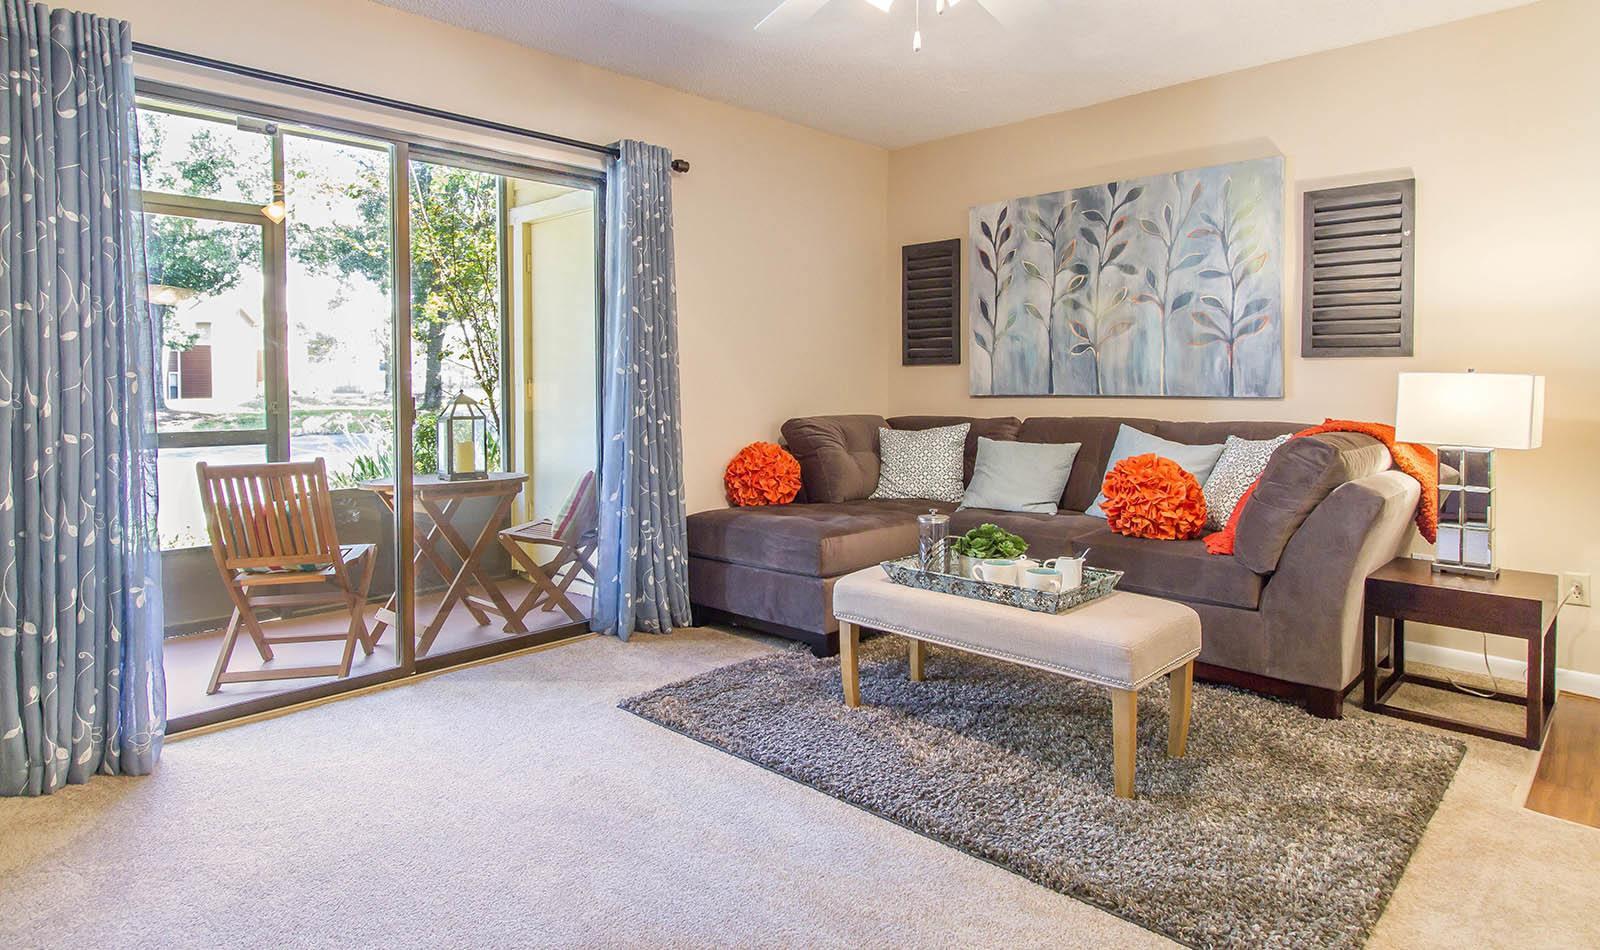 Living Room at Autumn Cove in Orange Park